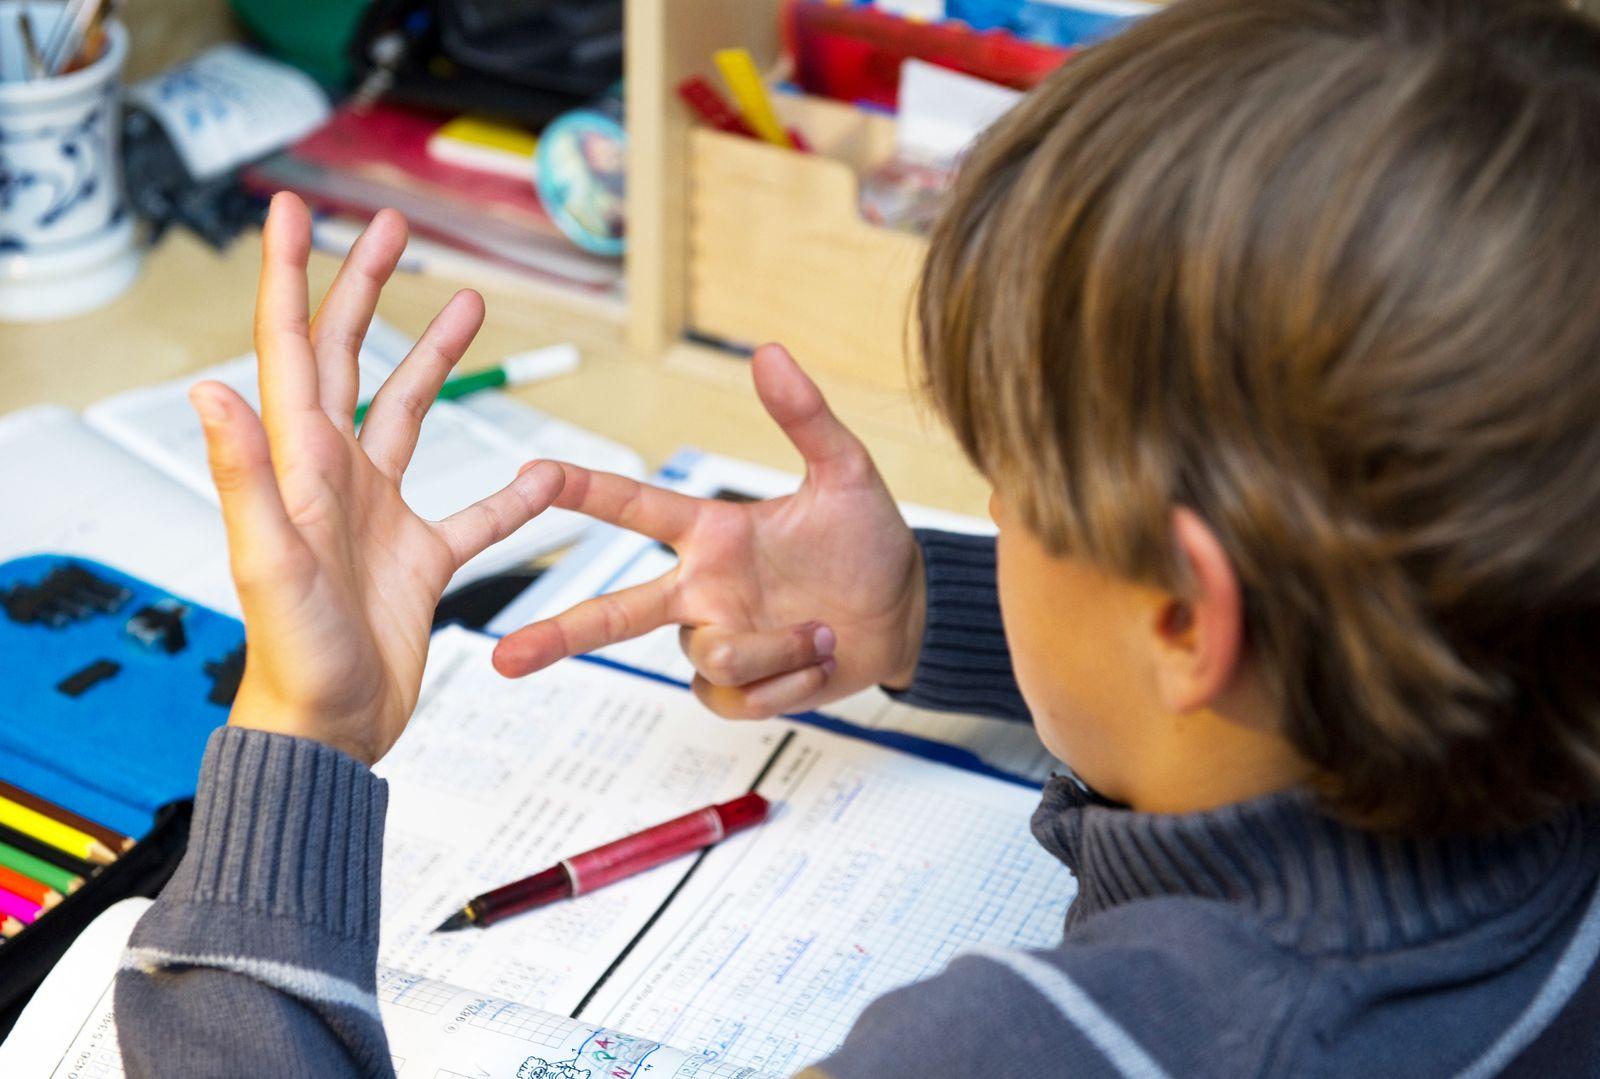 Unterricht / Schule / Mathematik